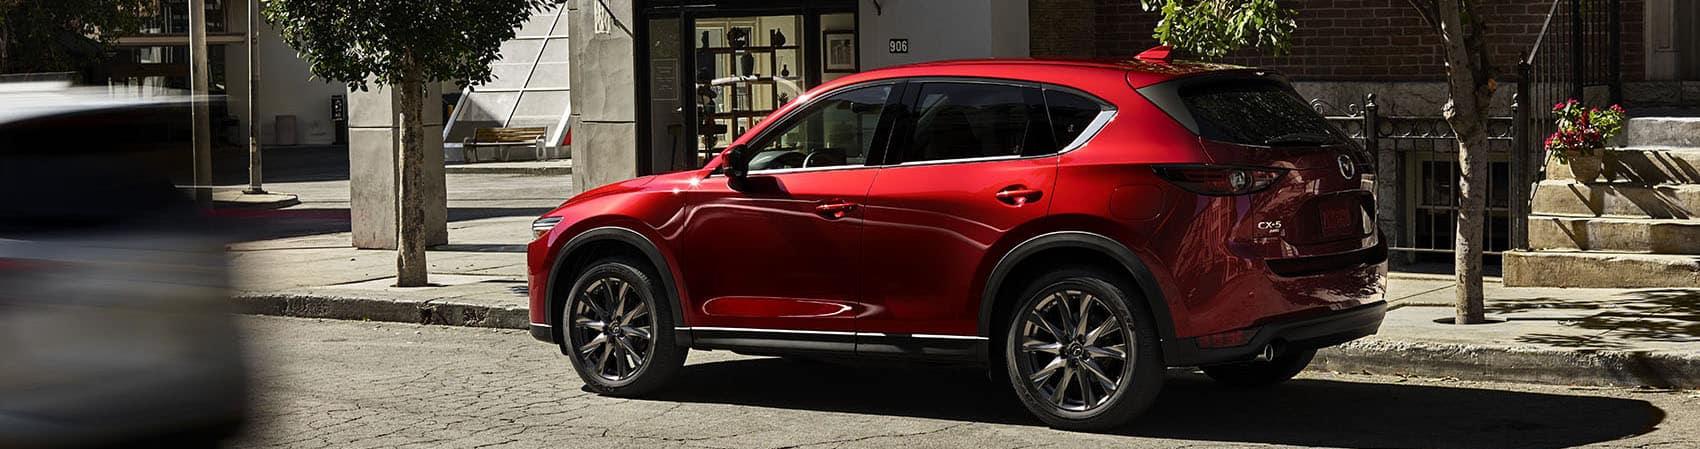 Mazda CX-5 Red